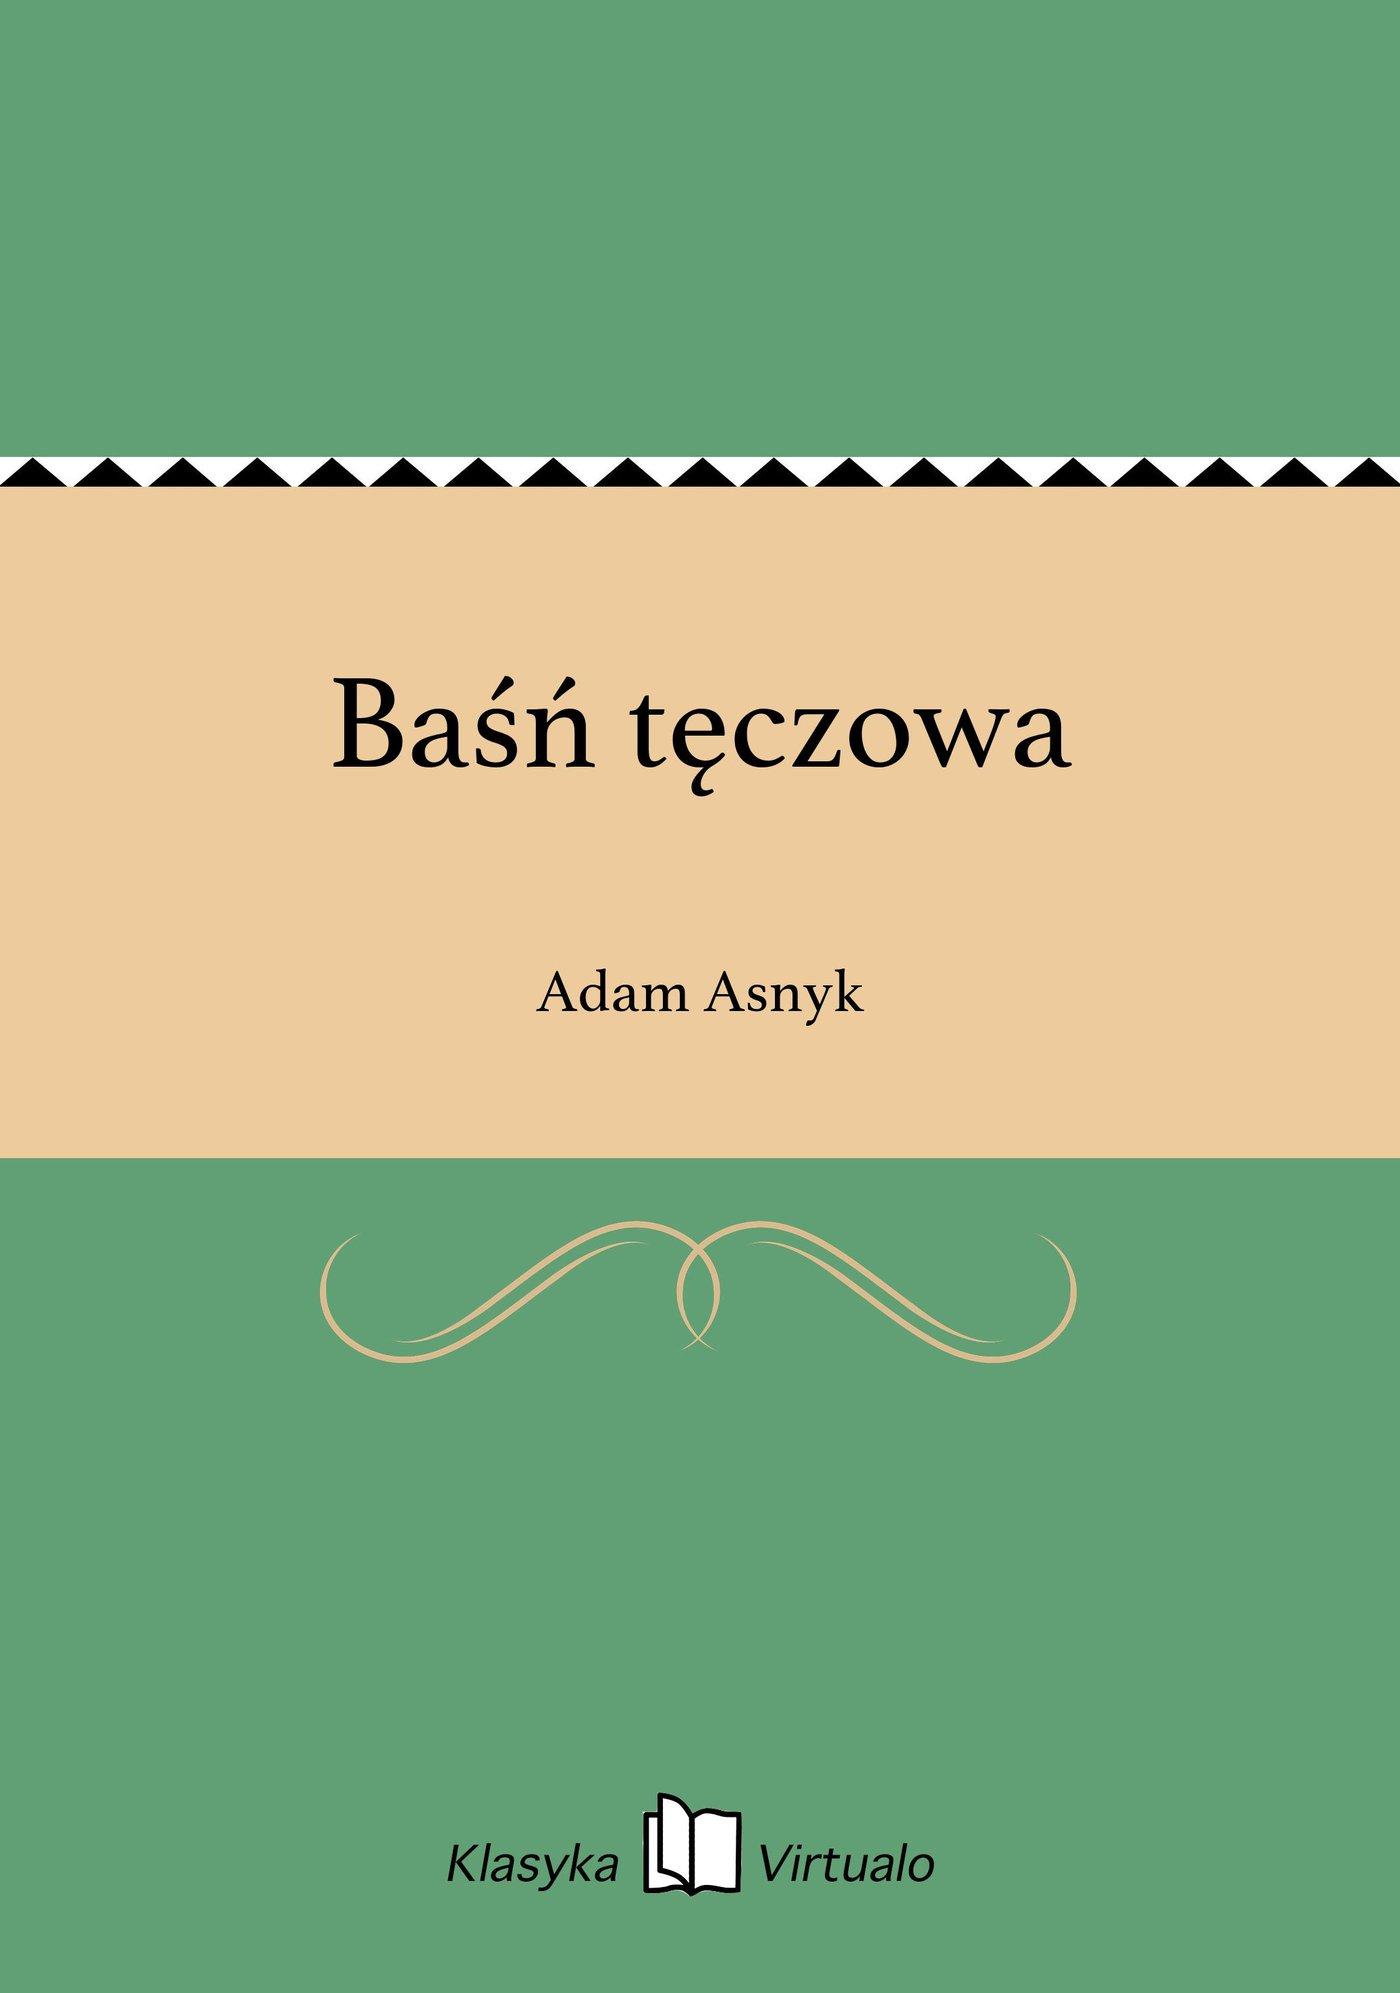 Baśń tęczowa - Ebook (Książka na Kindle) do pobrania w formacie MOBI